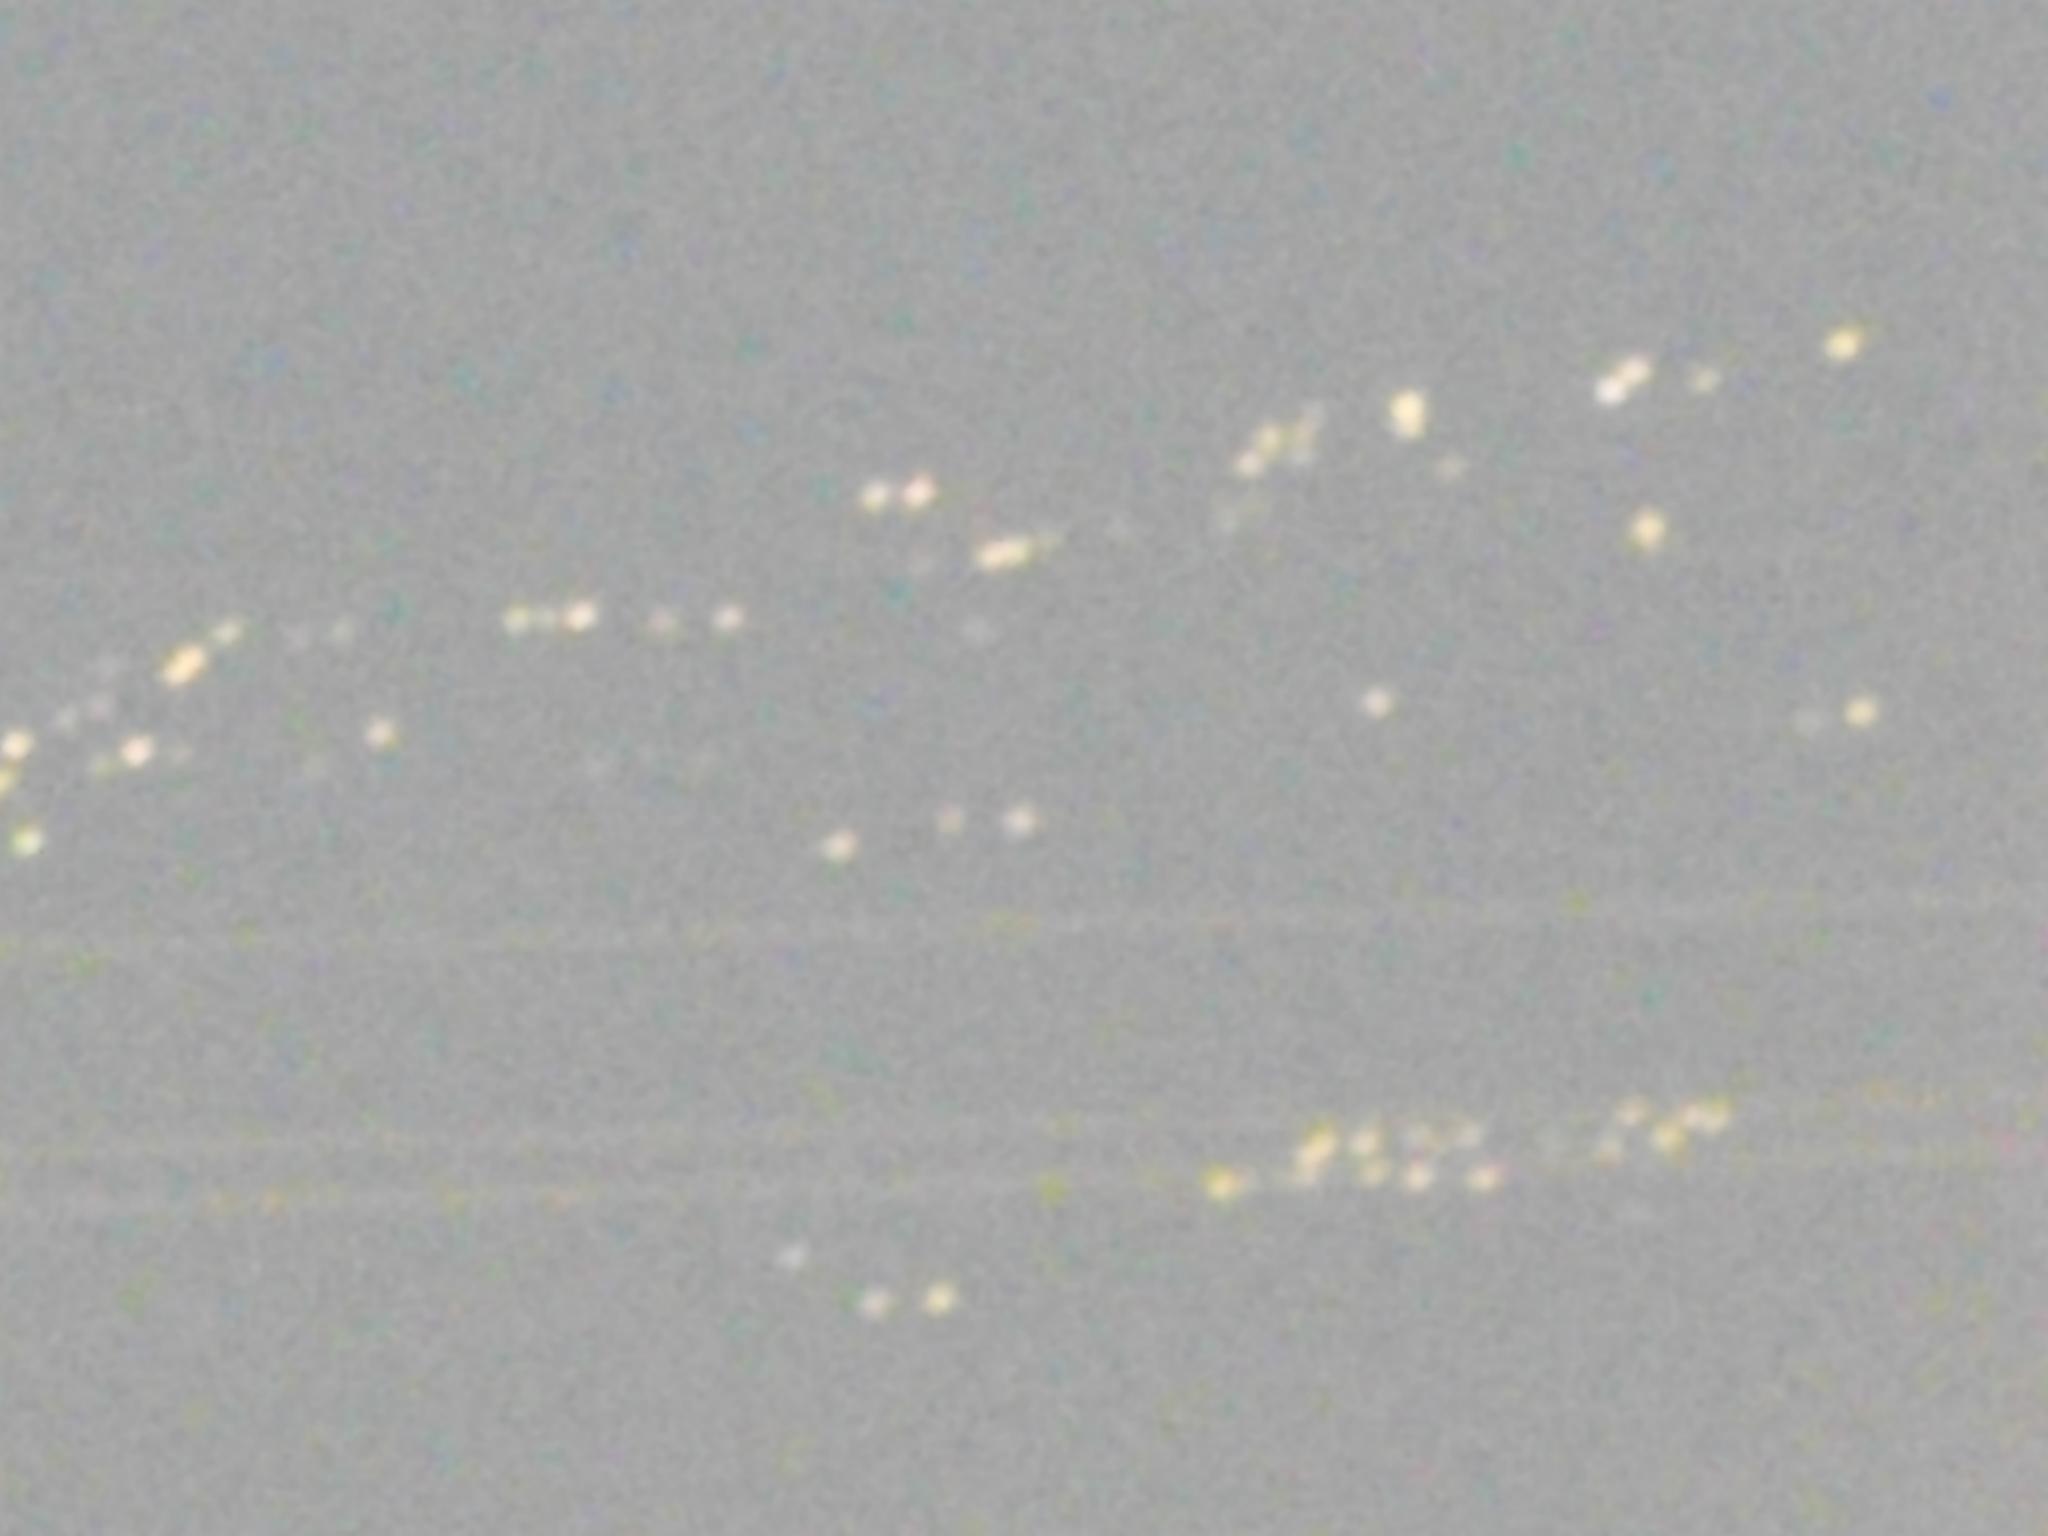 2015: le /08 à 20h - Boules lumineuses en file indienne -  Ovnis à Wargnies le grand - Nord (dép.59) 685001129